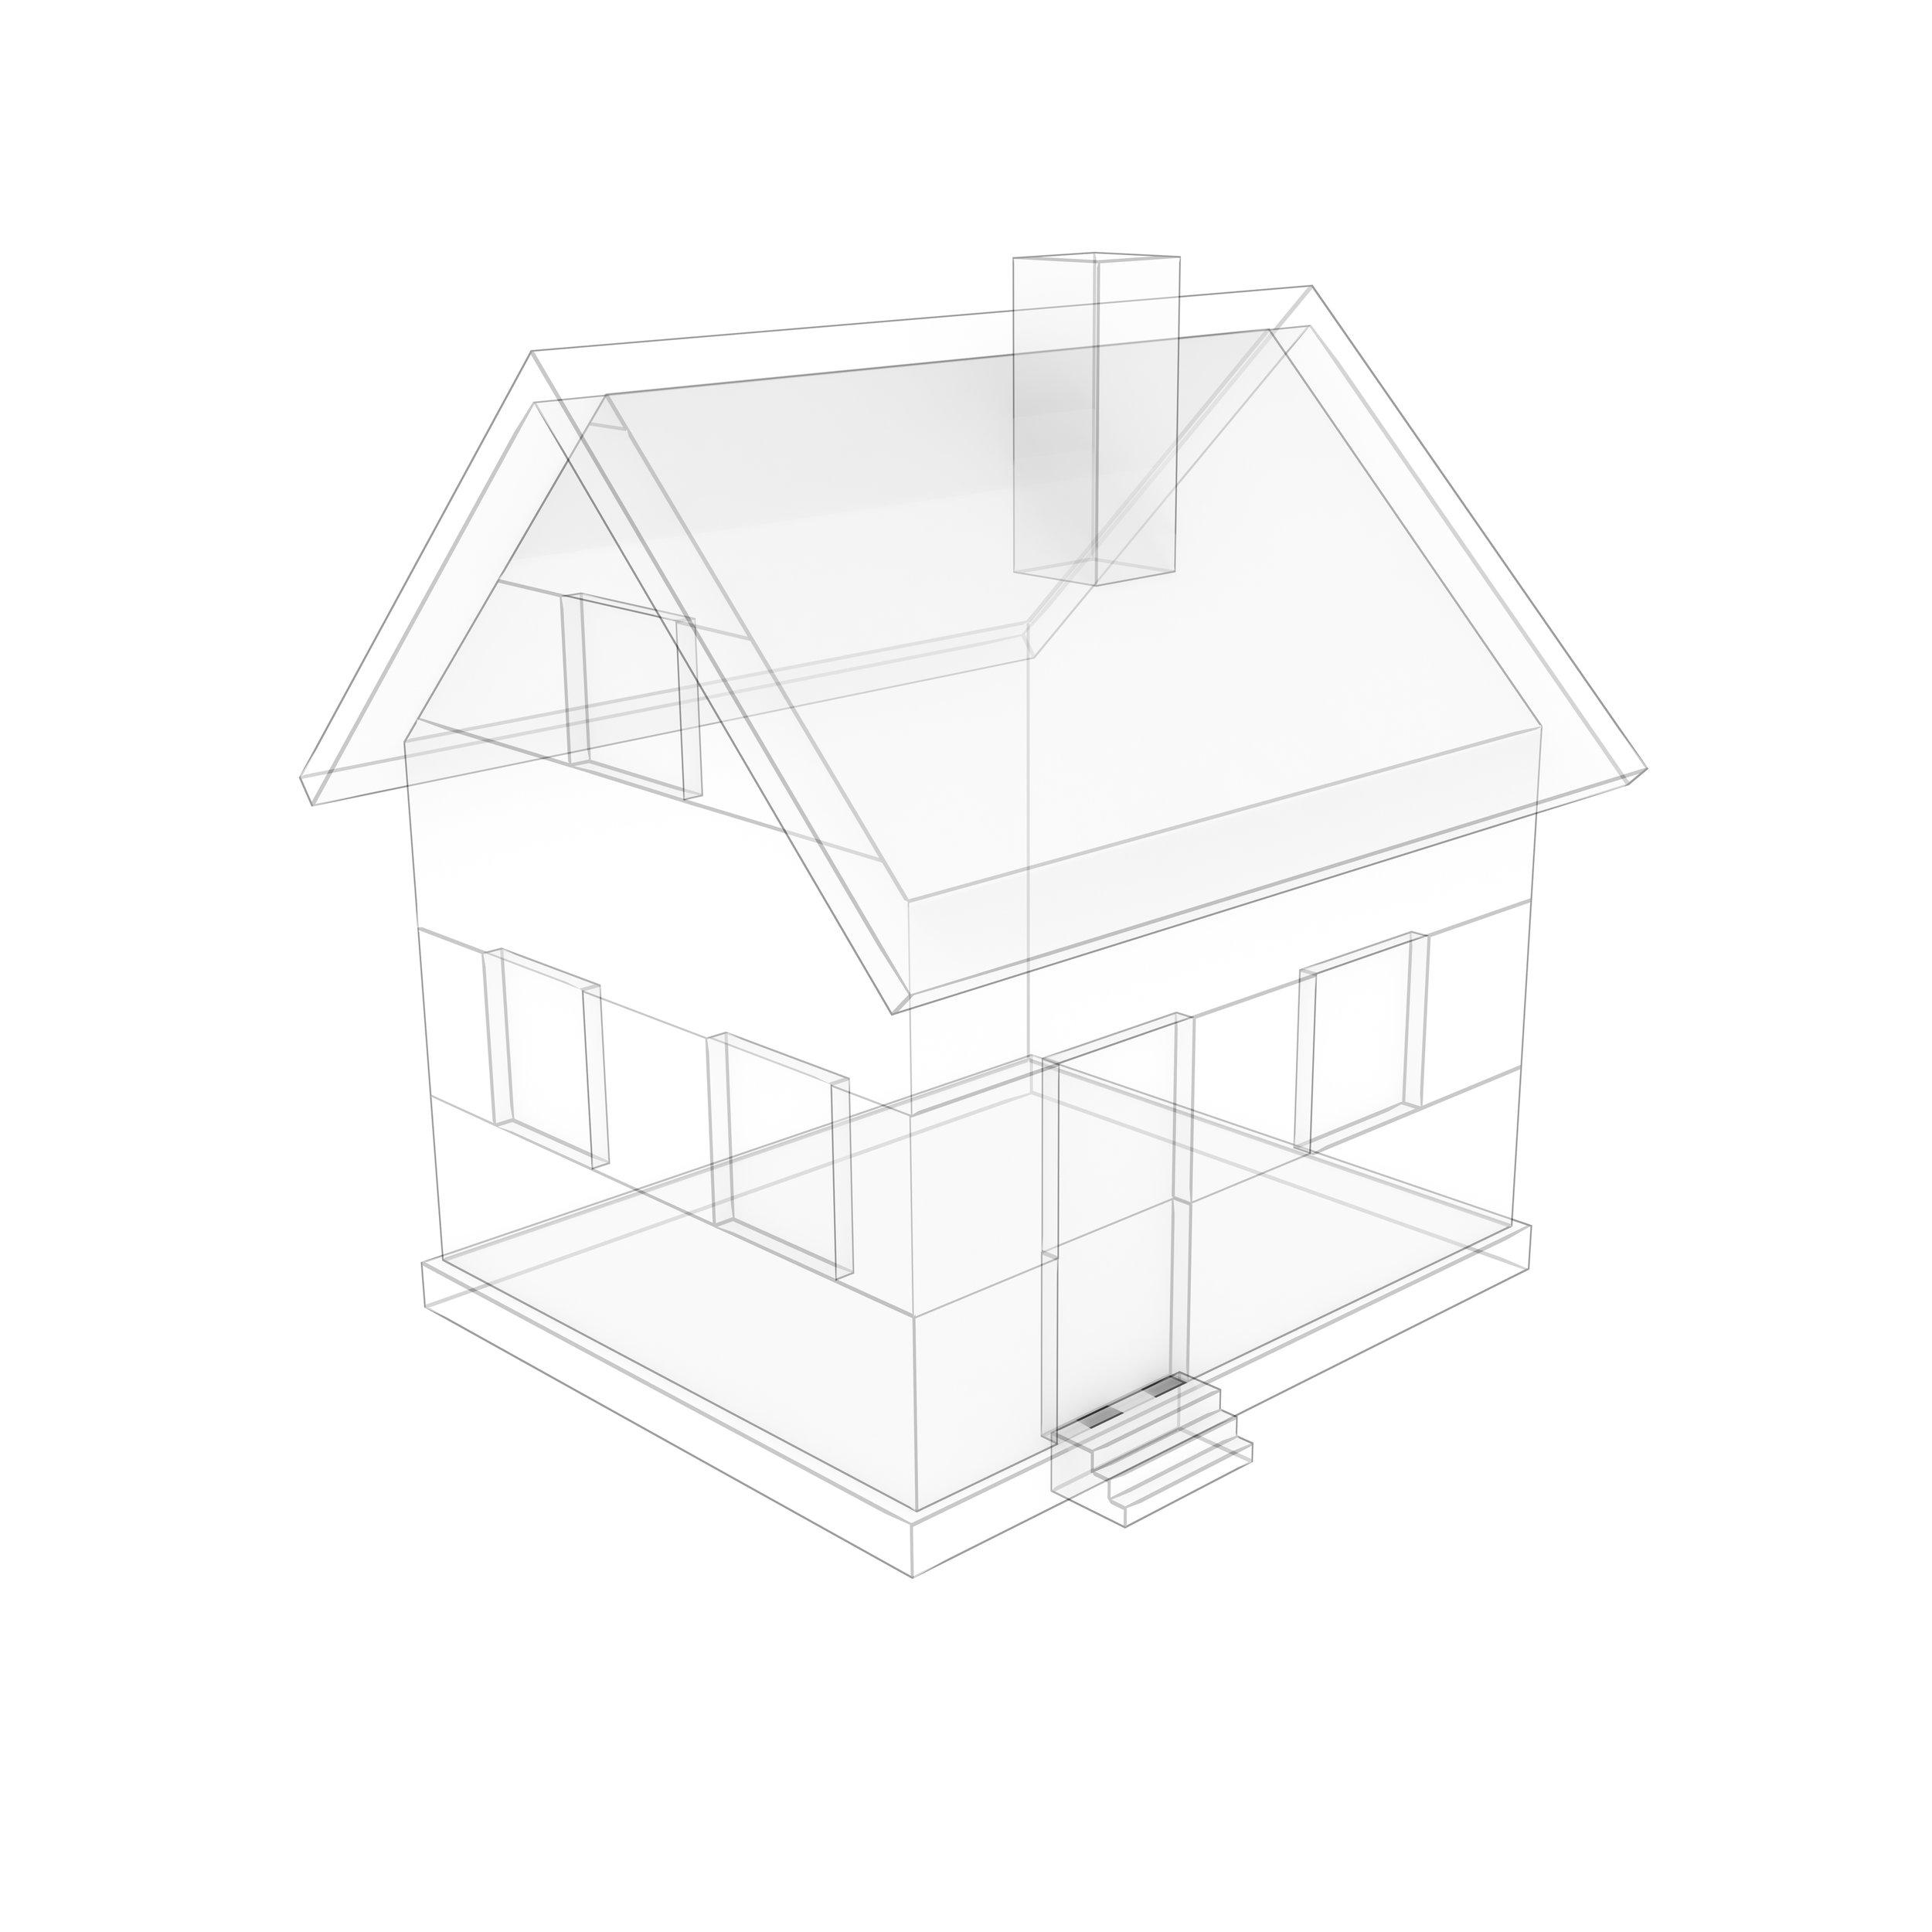 House Blueprint Vector 6901096_XLARGE.jpg